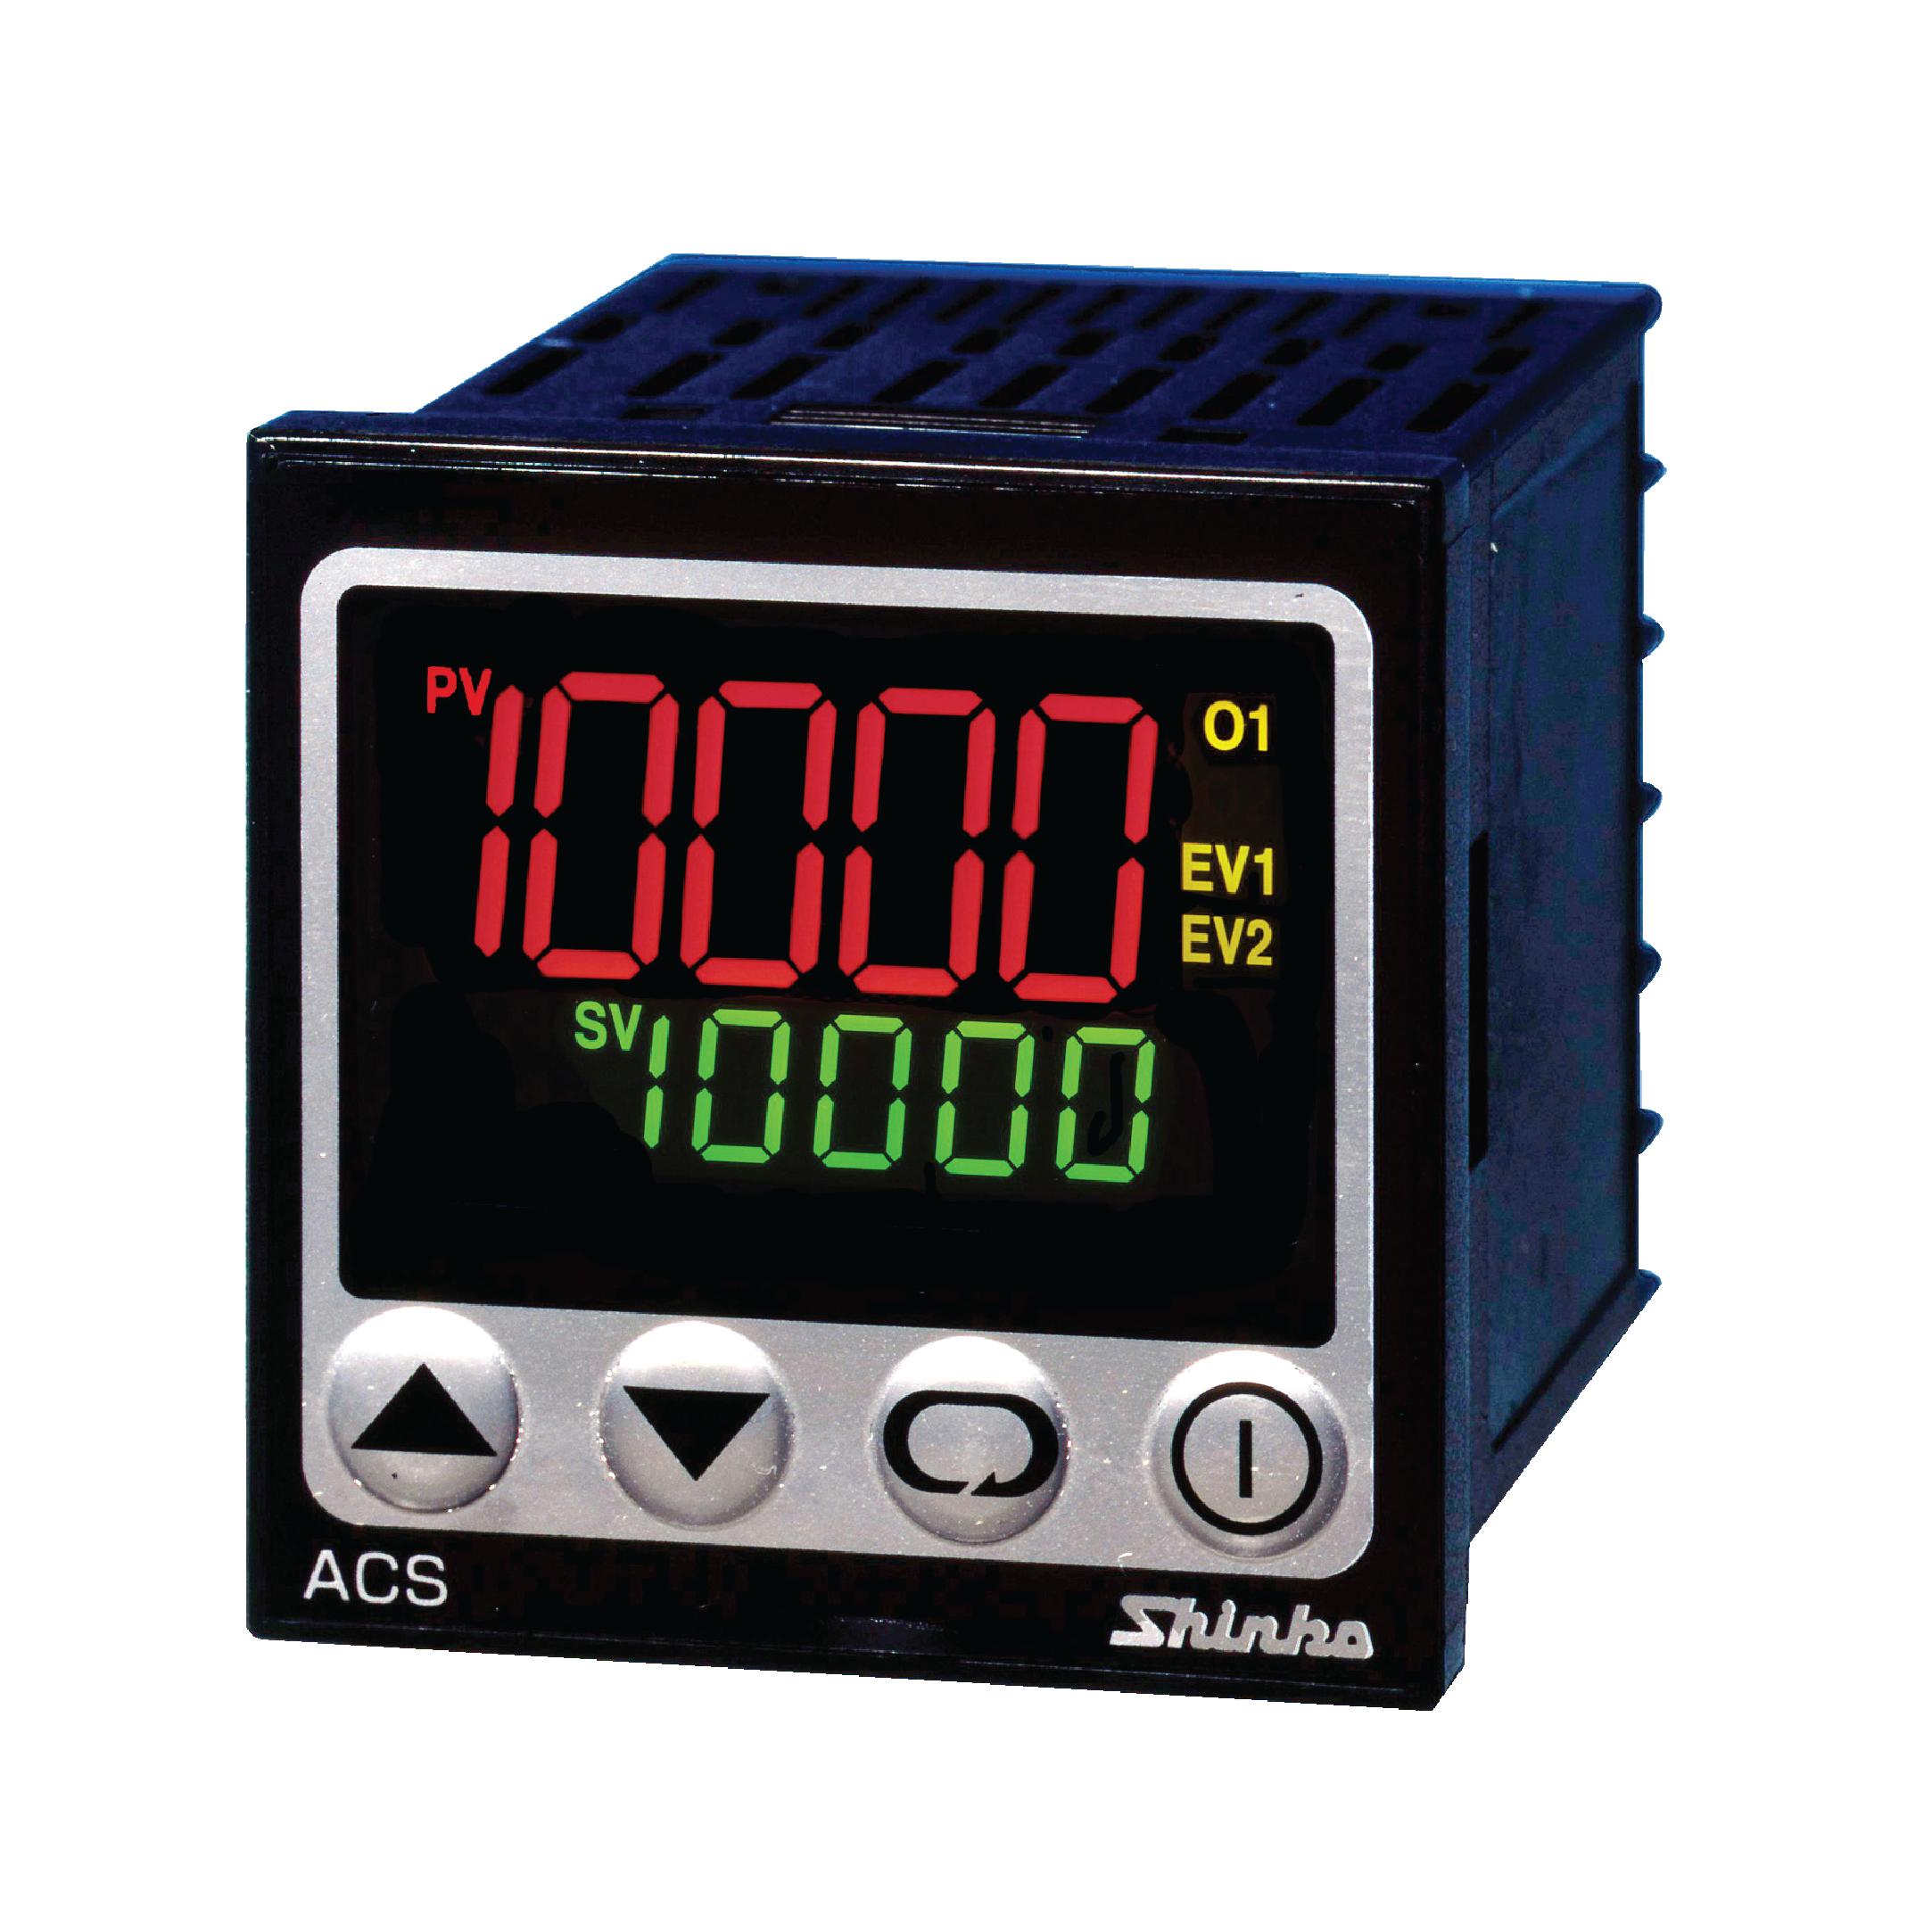 เครื่องวัดและควบคุมอุณหภูมิ ACS-33A-S/M, 1, BK, 24Va/dc